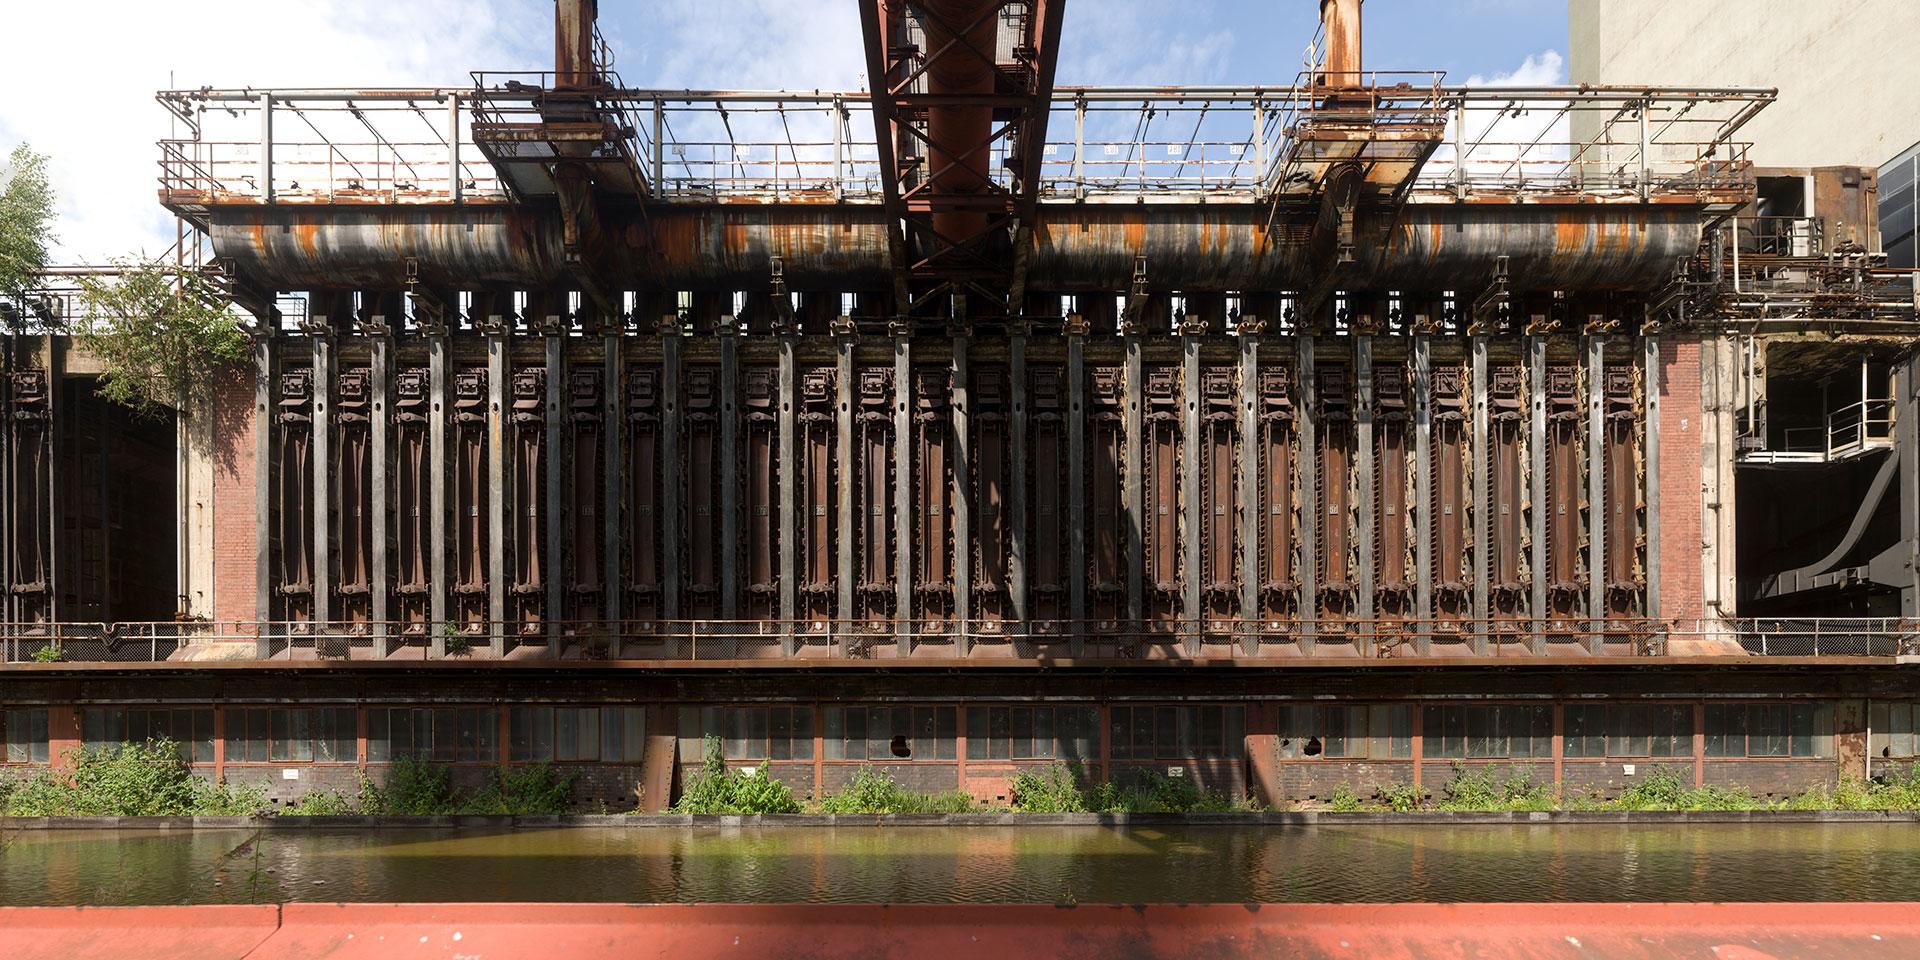 Koksofenbatterien | Kokerei Zollverein - Essen - Deutschland